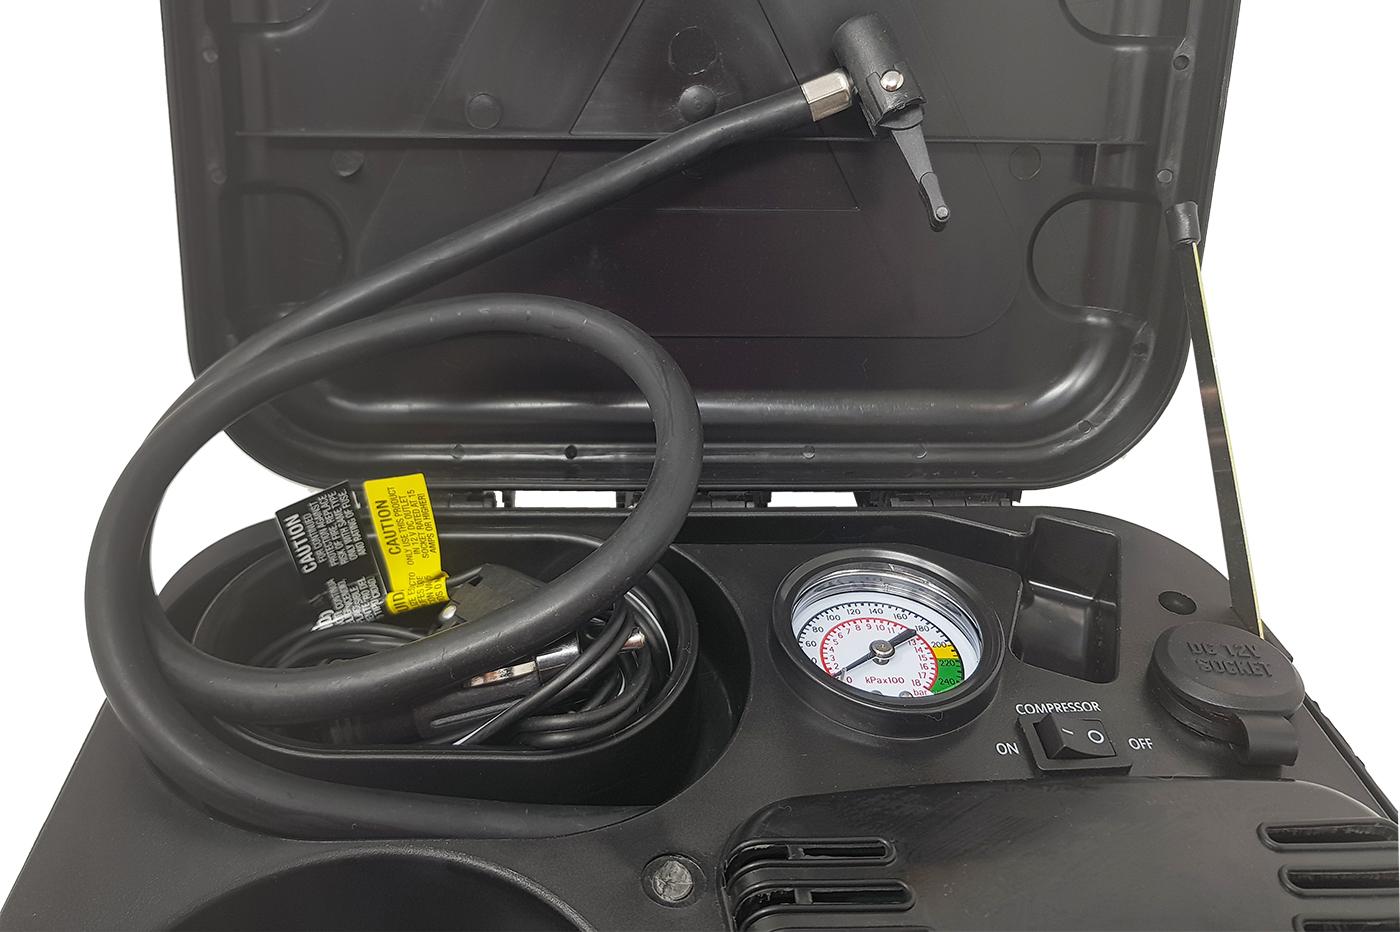 Plafoniera Con Kit Emergenza : Centro specializzato in illuminazione led kit emergenza